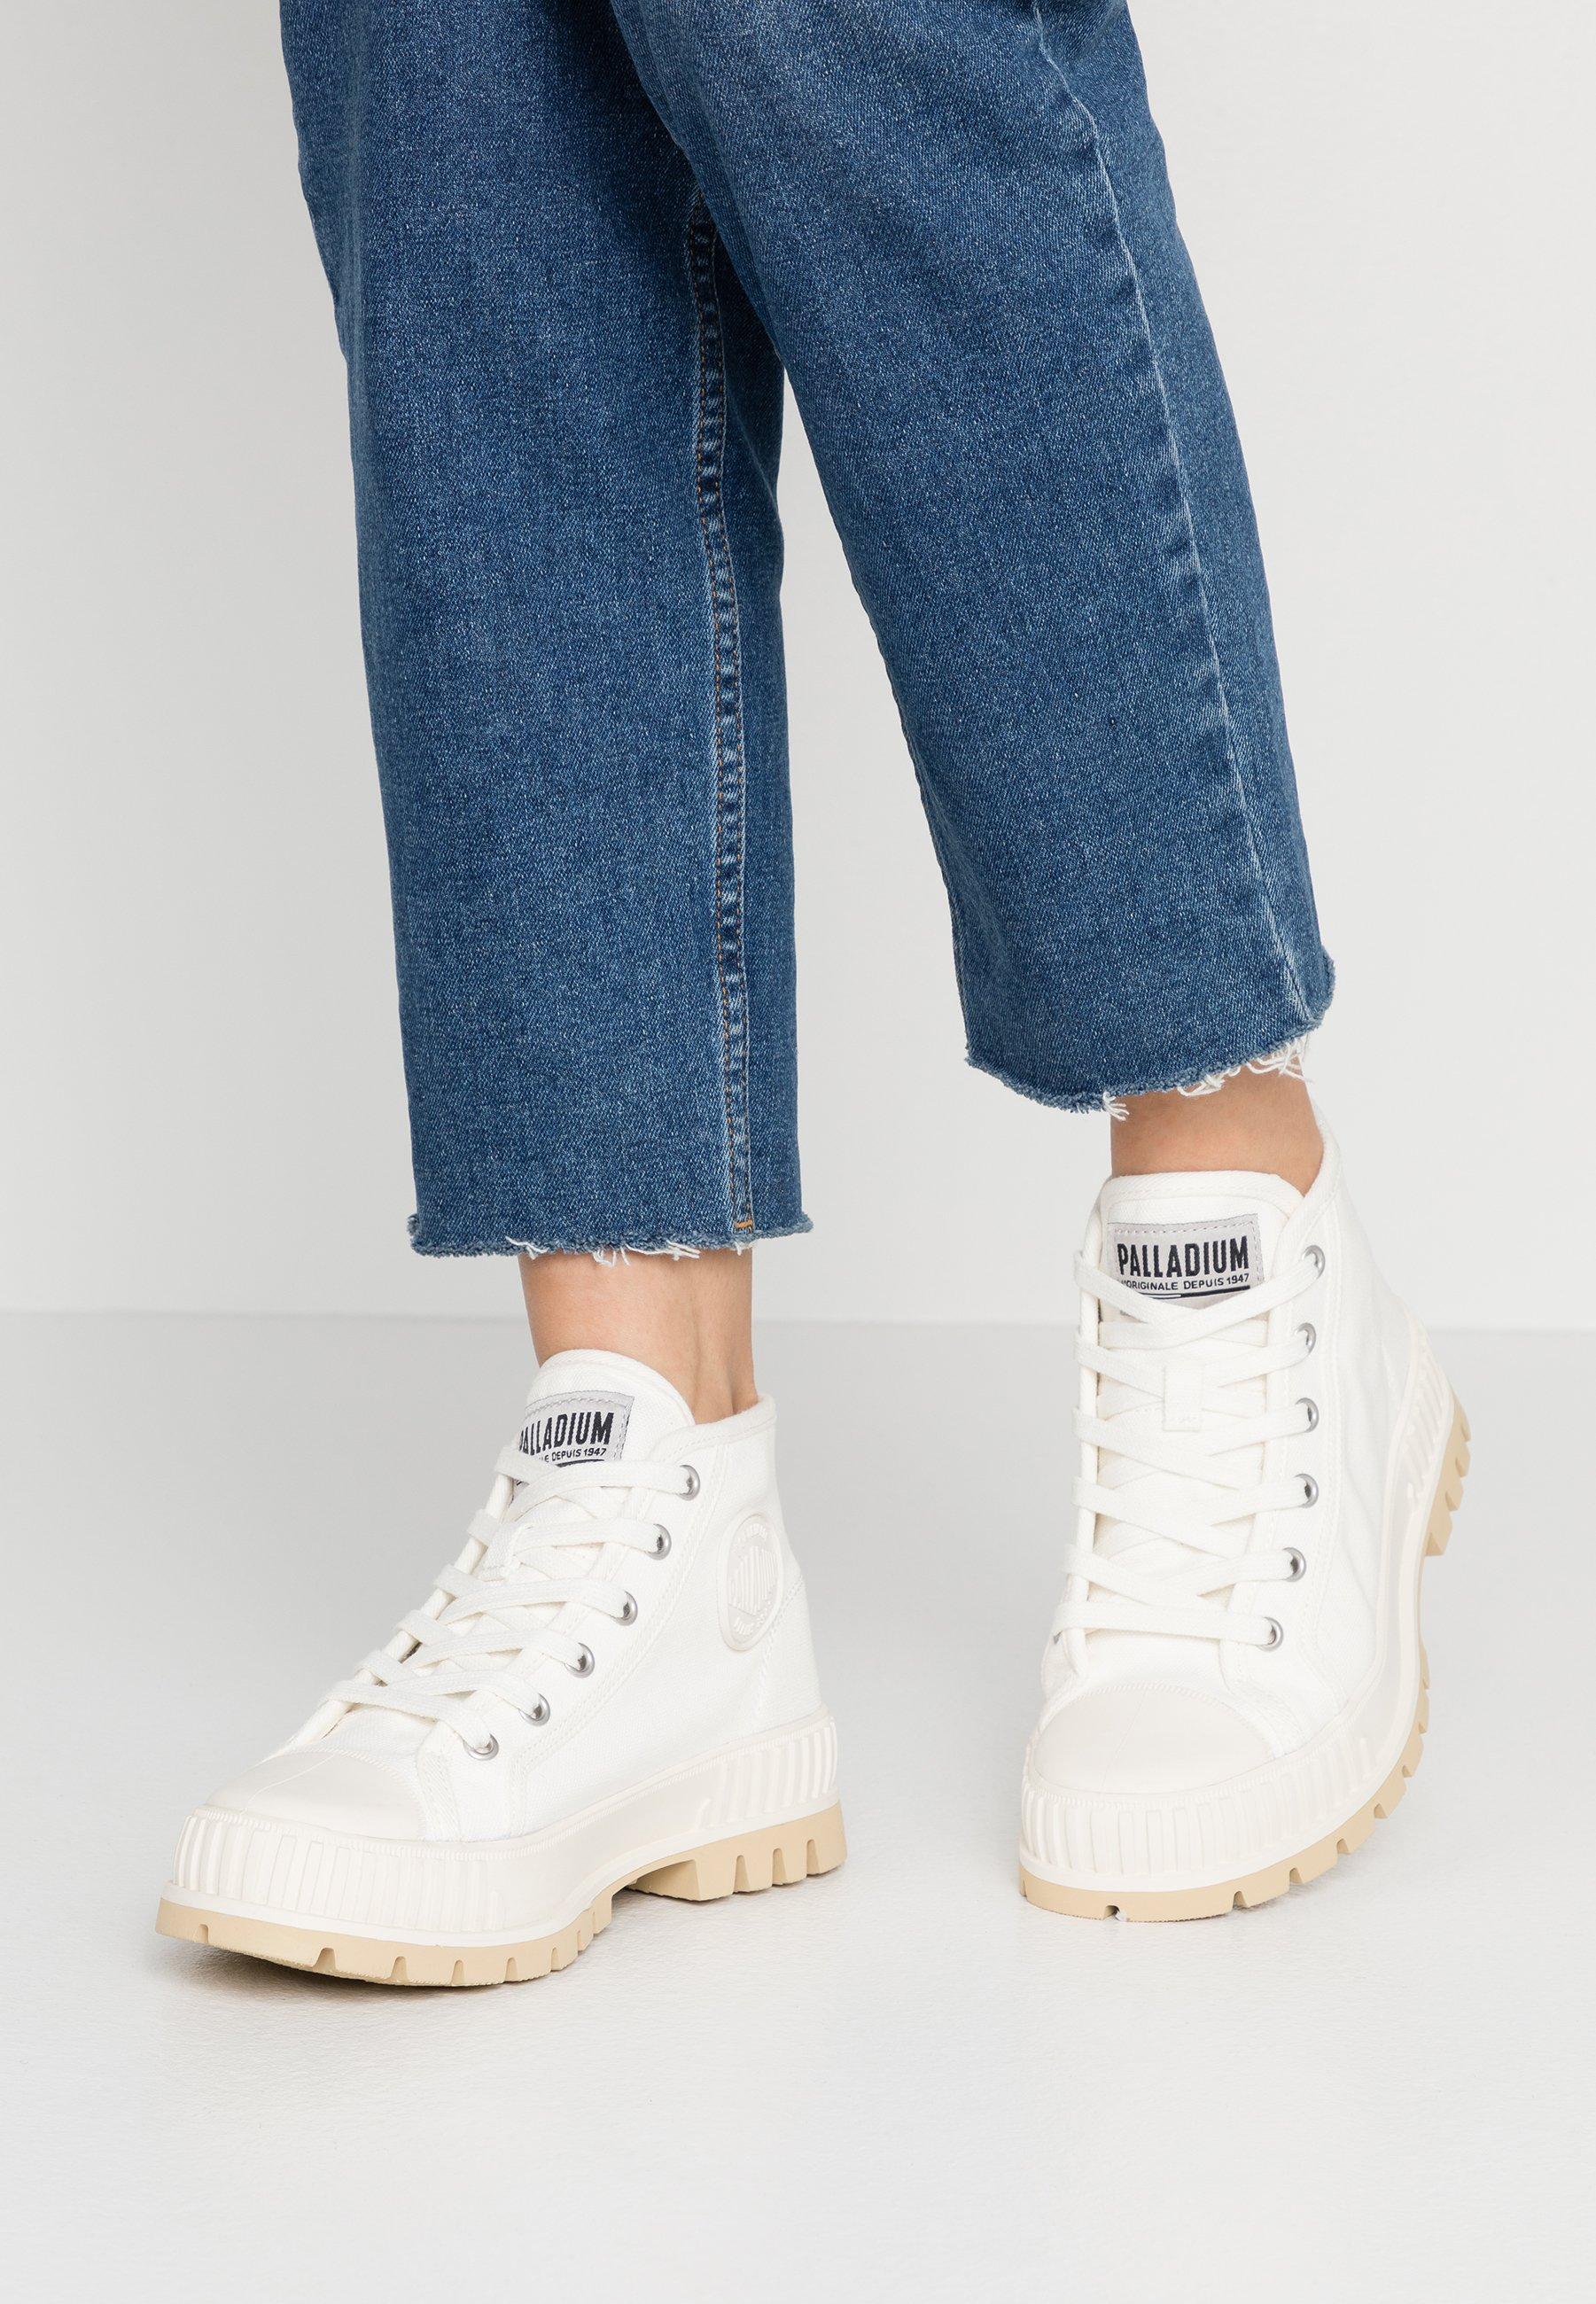 PALLASHOCK MID Ankle Boot marshmallow